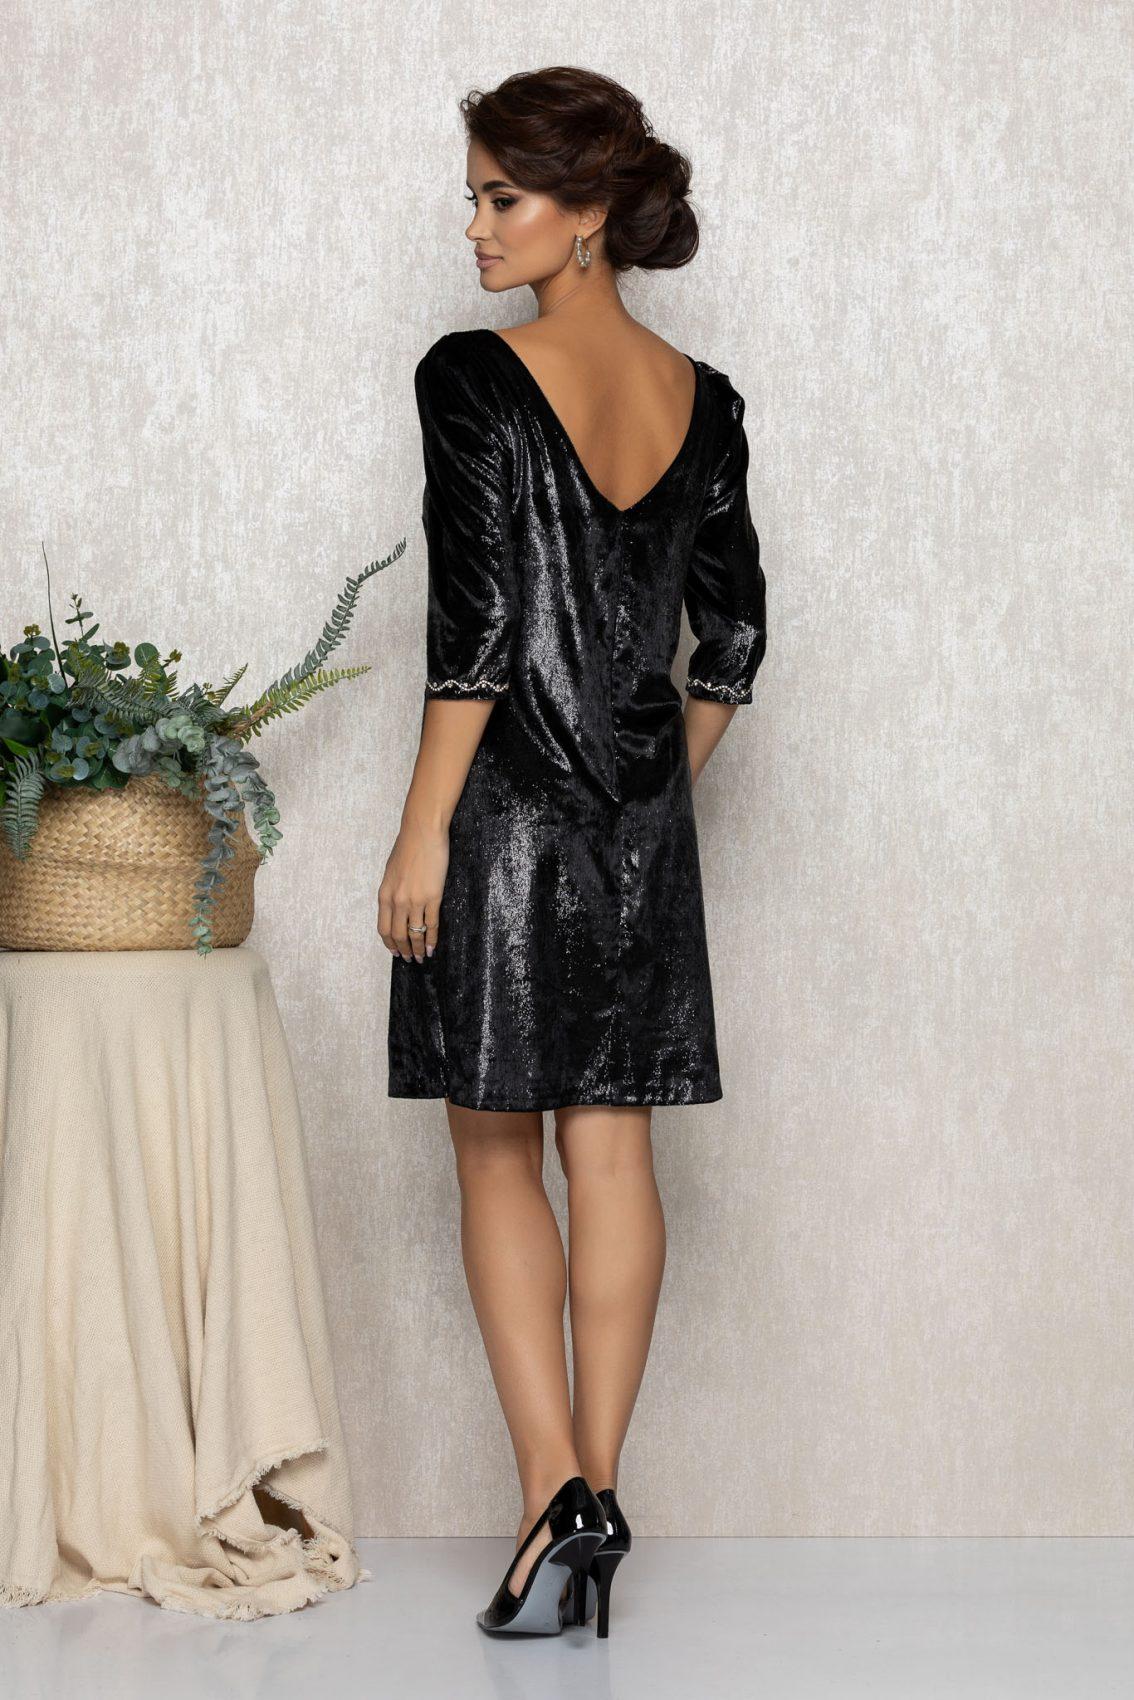 Μαύρο Φόρεμα Από Βελούδο Nikita T223 2